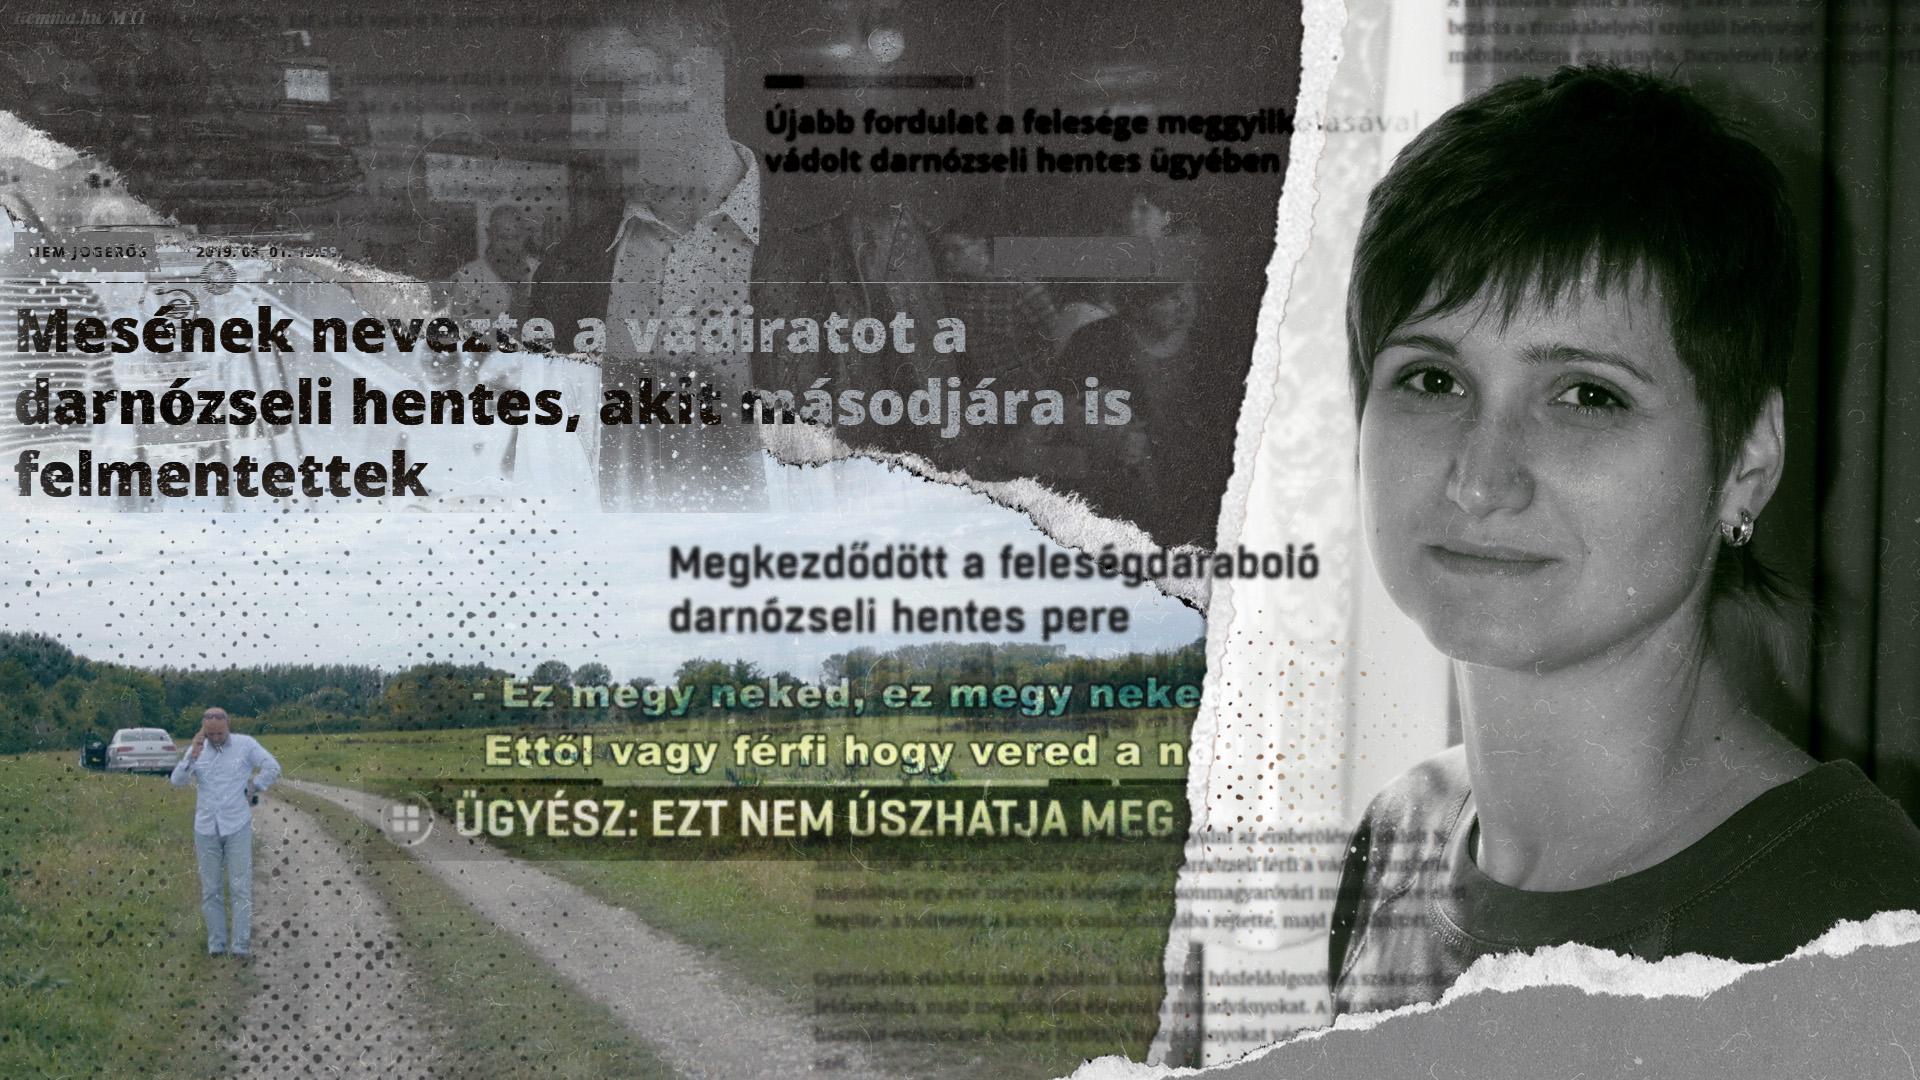 Hat évnyi huzavona után ítélték el gyilkosát, de még mindig kérdés, miért kellett Juditnak meghalnia